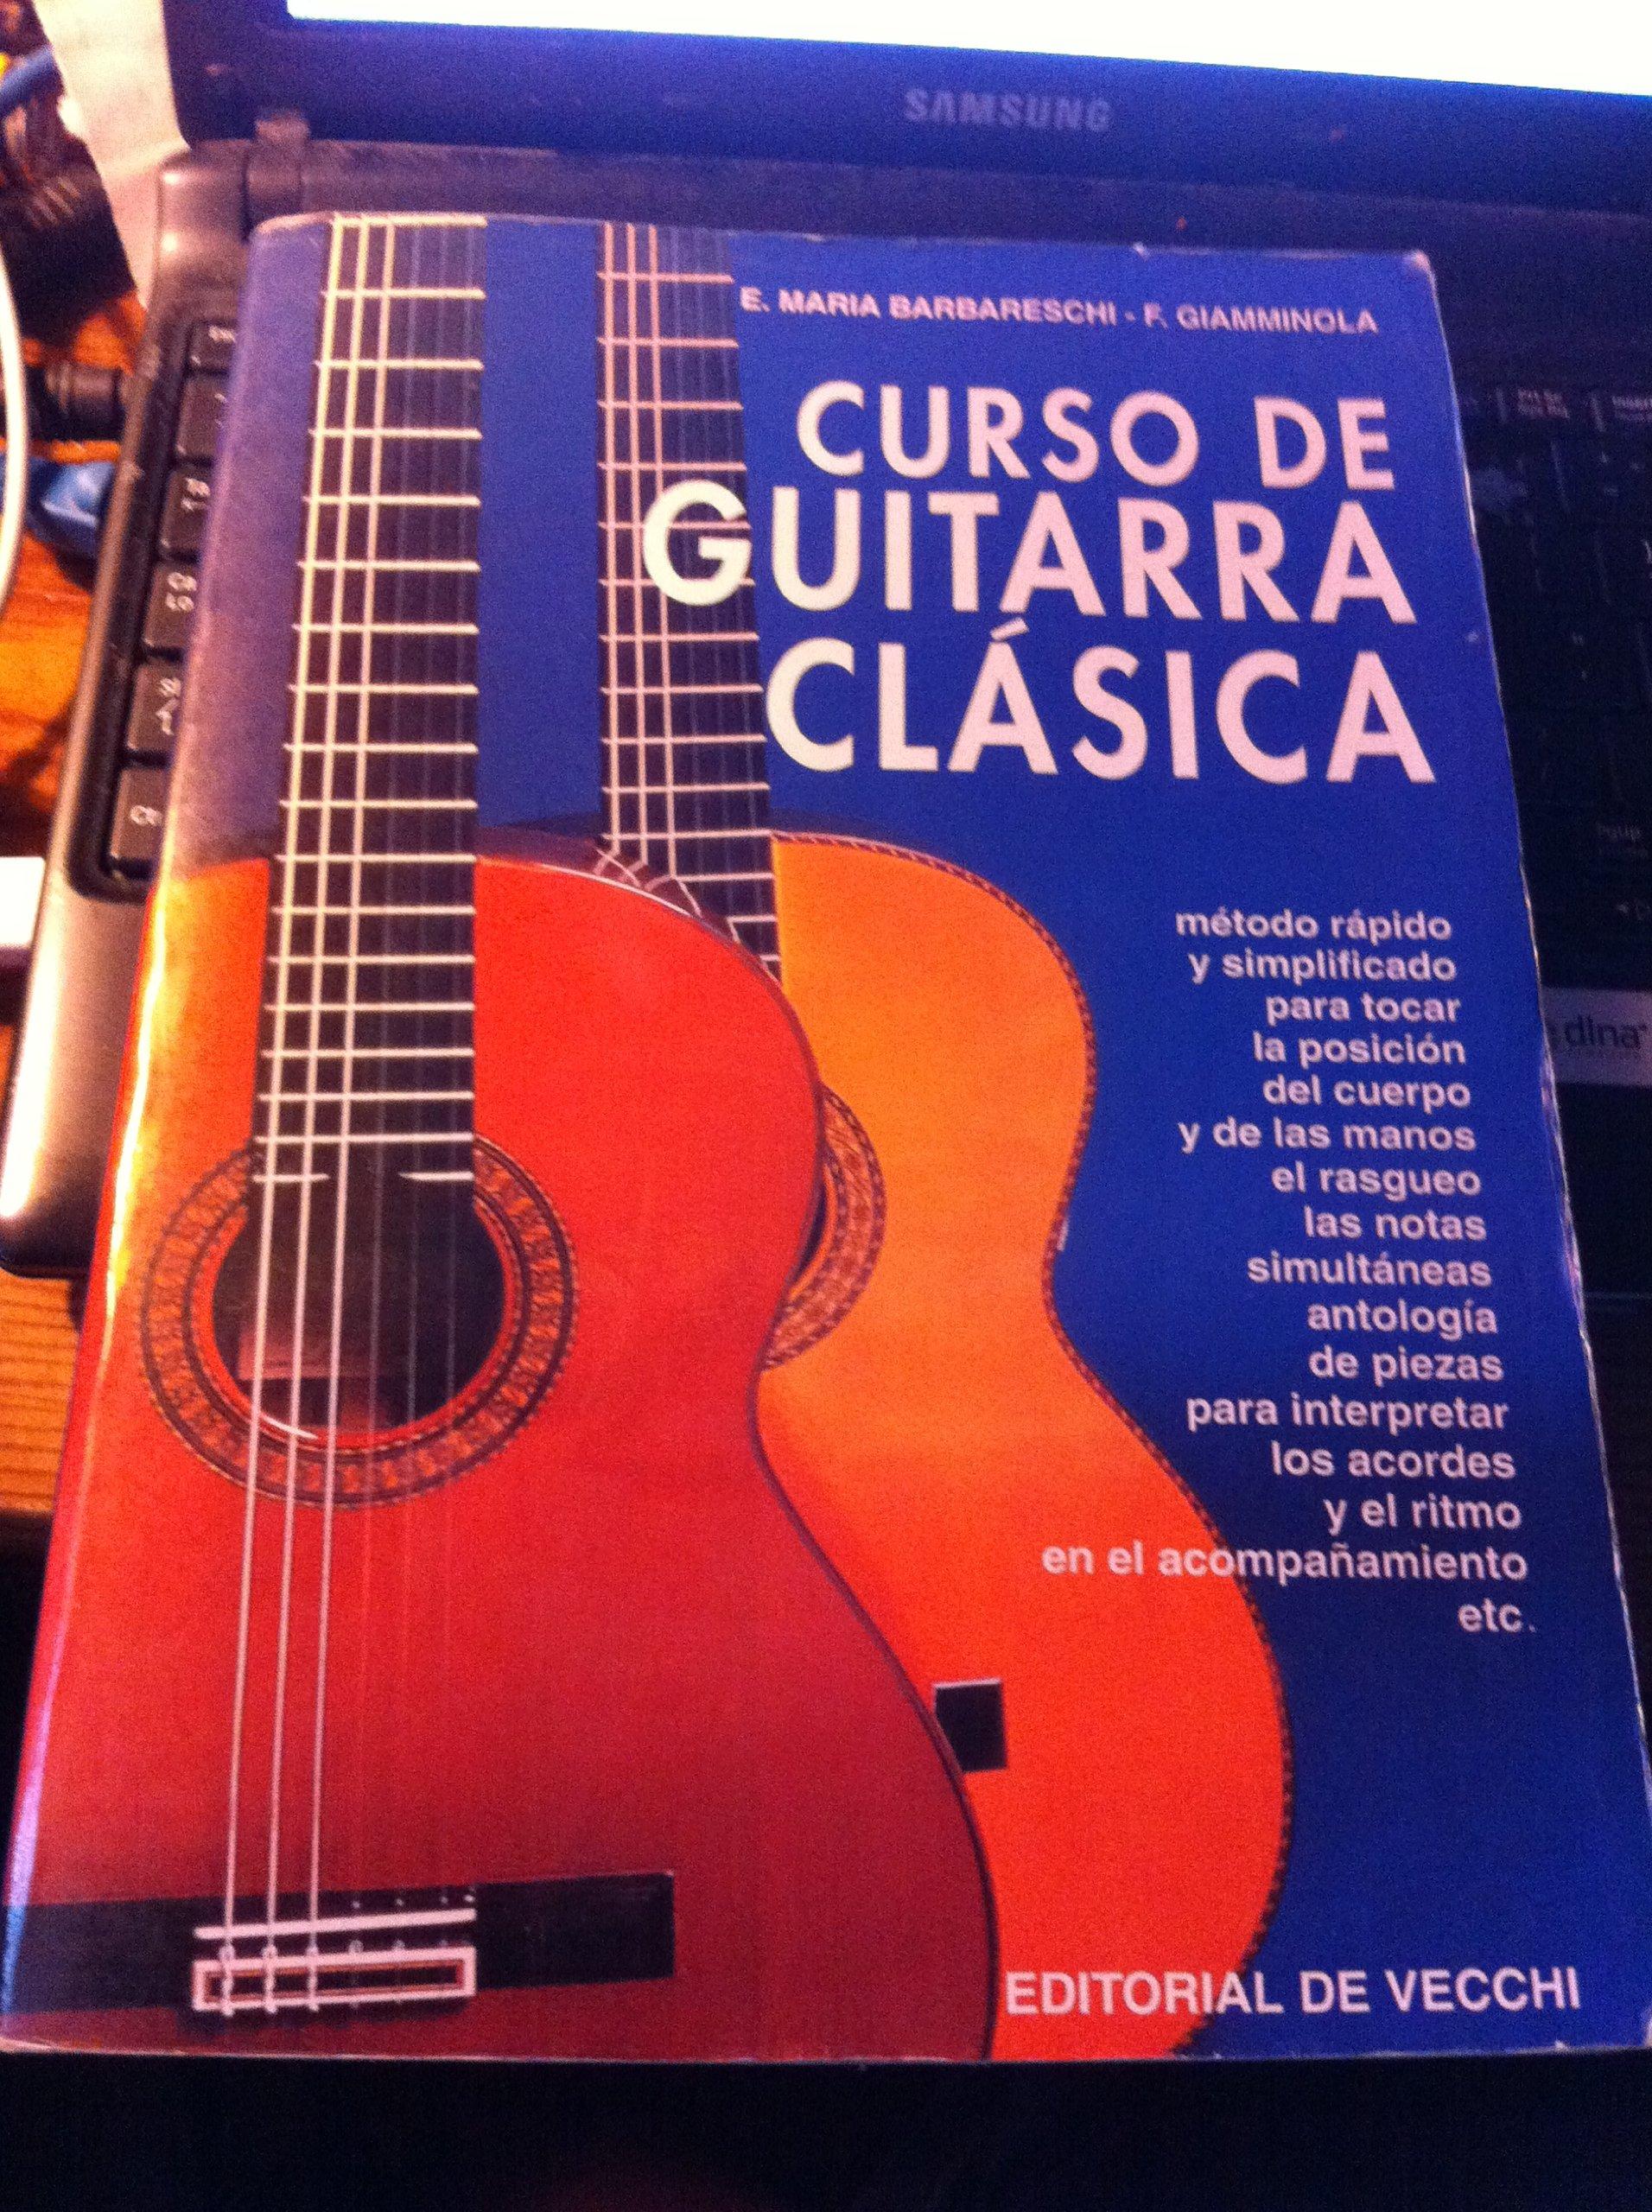 Curso de guitarra clasica: Amazon.es: Barbareschi, E. Maria: Libros